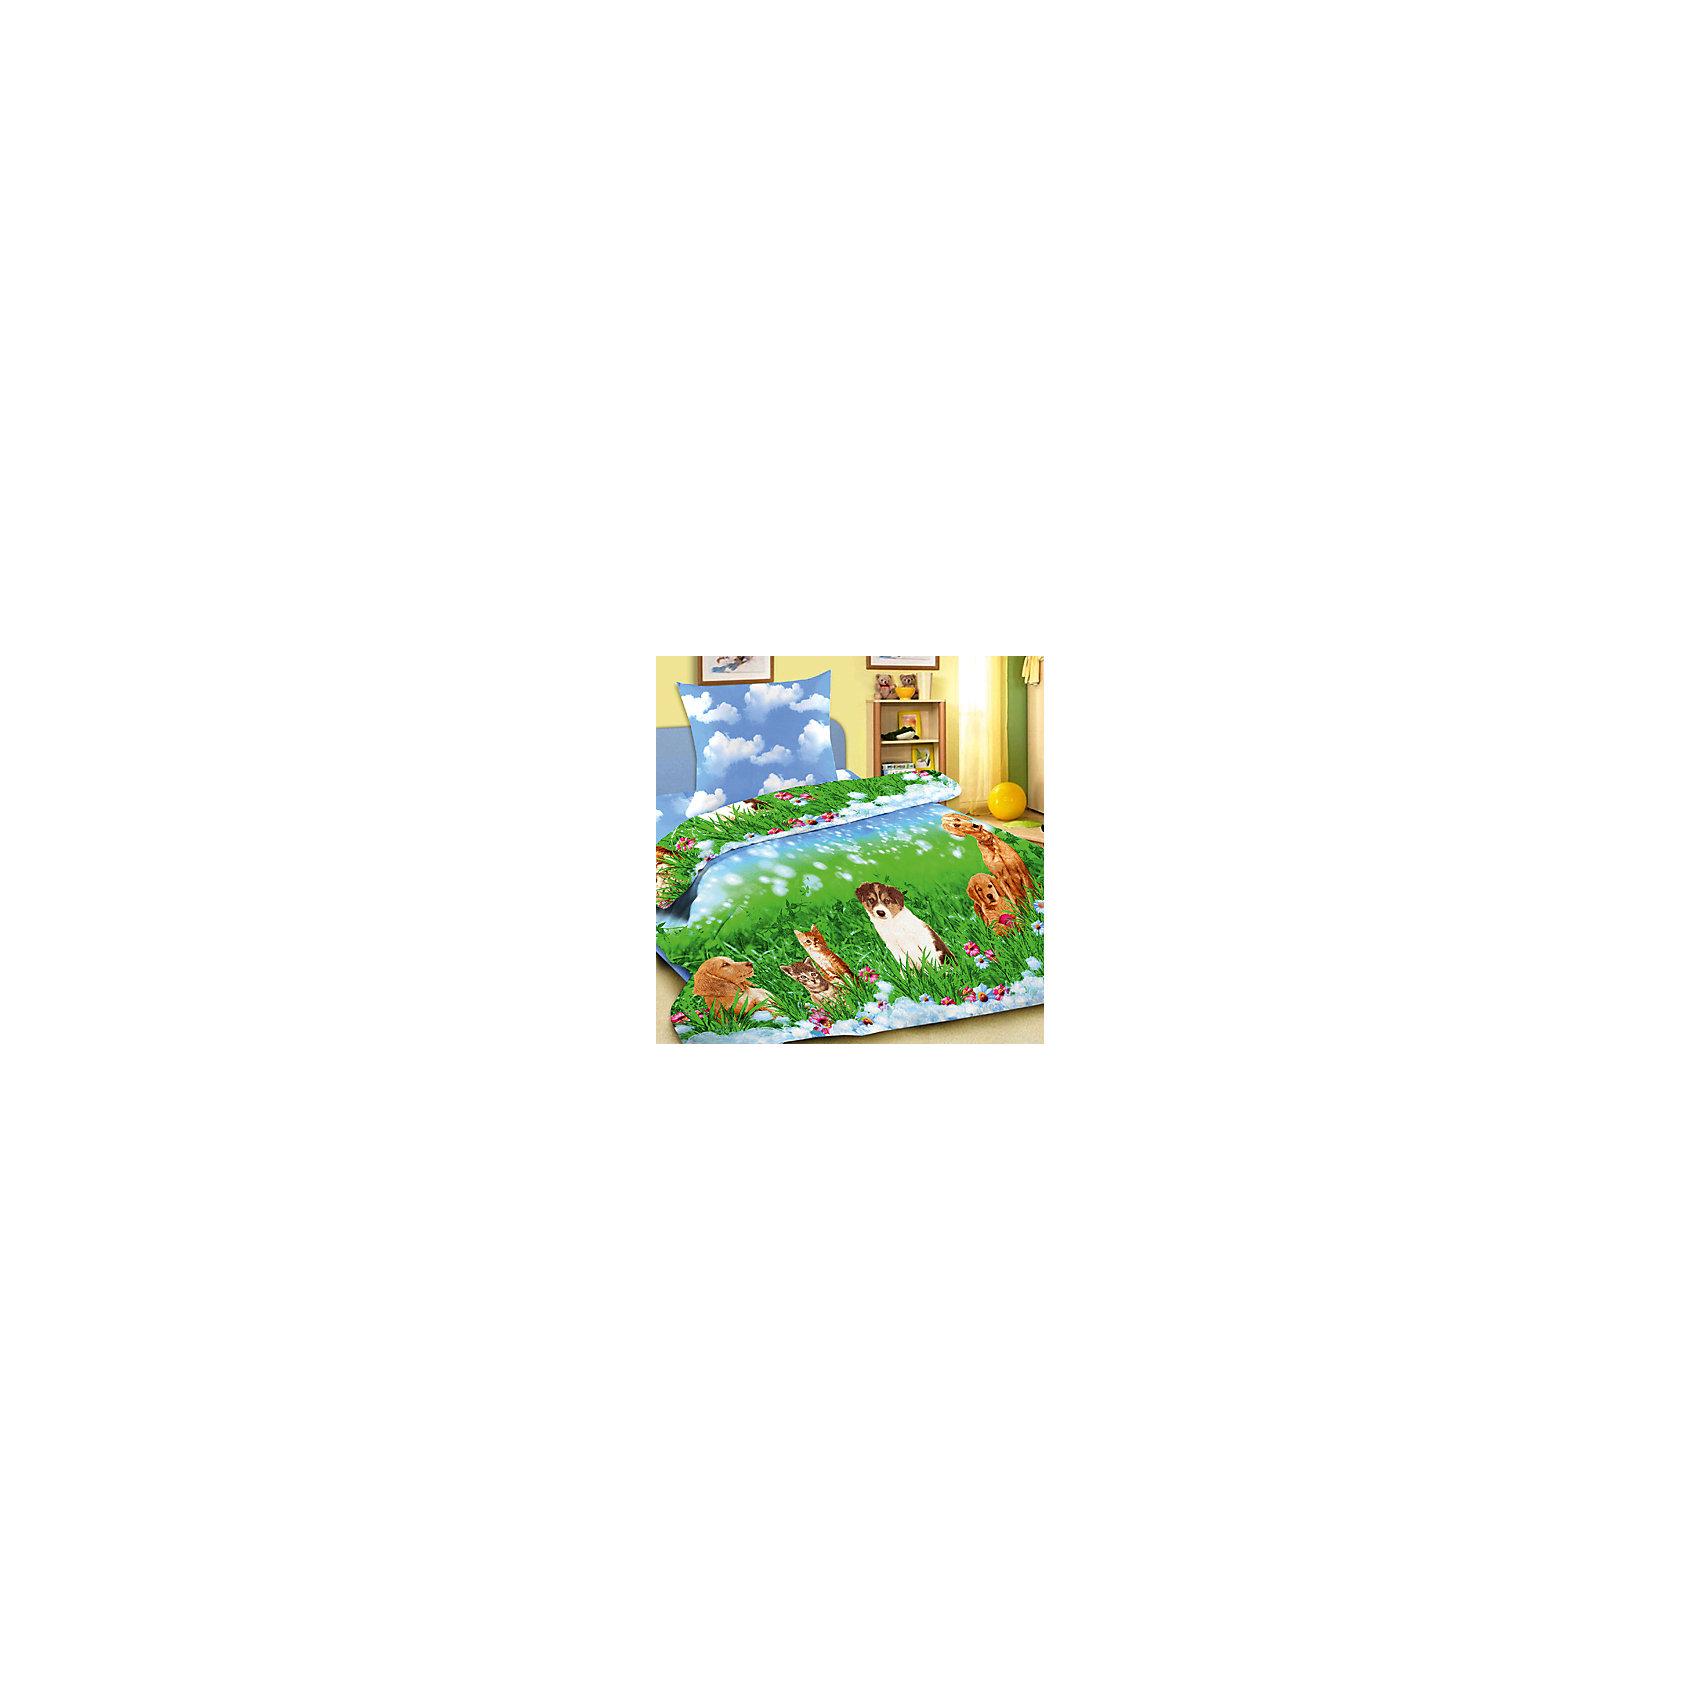 Комплект Верные друзья 1,5-спальный (наволочка 50х70см), LettoС комплектом постельного белья Верные друзья, Letto, Ваш ребенок с удовольствием будет укладываться в свою кроватку и видеть чудесные сказочные сны. Красочный комплект украшен изображениями очаровательных домашних питомцев - котят и собачек на фоне зеленого луга. Материал представляет собой плотный пакистанский хлопок полотняного плетения группы перкаль, очень комфортный и приятный на ощупь. Ткань отвечает всем экологическим нормам безопасности, дышащая, гипоаллергенная, не нарушает естественные процессы терморегуляции. При стирке белье не линяет, не деформируется и не теряет своих красок даже после многочисленных стирок.<br><br>Дополнительная информация:<br><br>- Размер комплекта: полутораспальный.<br>- Тип ткани: 100% хлопок.<br>- В комплекте: 1 наволочка, 1 пододеяльник, 1 простыня.<br>- Размер пододеяльника: 143 х 215 см.<br>- Размер наволочки: 50 х 70 см.<br>- Размер простыни: 150 х 220 см.<br>- Размер упаковки: 39 х 4 х 28 см.<br>- Вес: 1,4 кг. <br><br>Комплект Верные друзья 1,5 спальный, Letto, можно приобрести в нашем интернет-магазине.<br><br>Ширина мм: 390<br>Глубина мм: 280<br>Высота мм: 40<br>Вес г: 1400<br>Возраст от месяцев: 36<br>Возраст до месяцев: 120<br>Пол: Унисекс<br>Возраст: Детский<br>SKU: 4053104